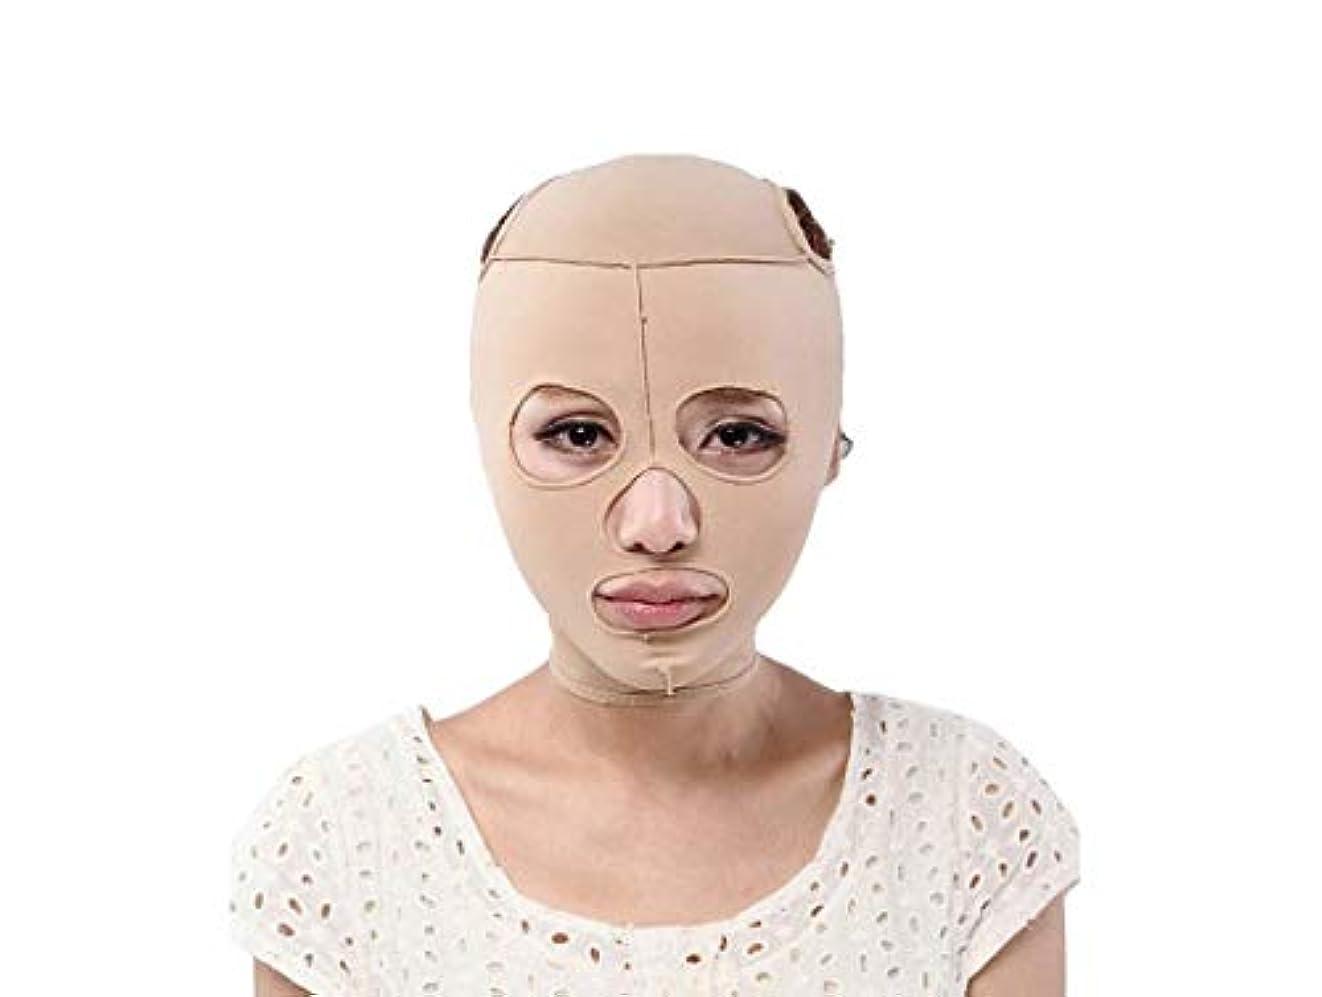 示す月曜日世辞痩身ベルト、フェイスマスクシンフェイス機器リフティング引き締めVフェイス男性と女性フェイスリフティングステッカーダブルチンフェイスリフティングフェイスマスク包帯フェイシャルマッサージ(サイズ:S)